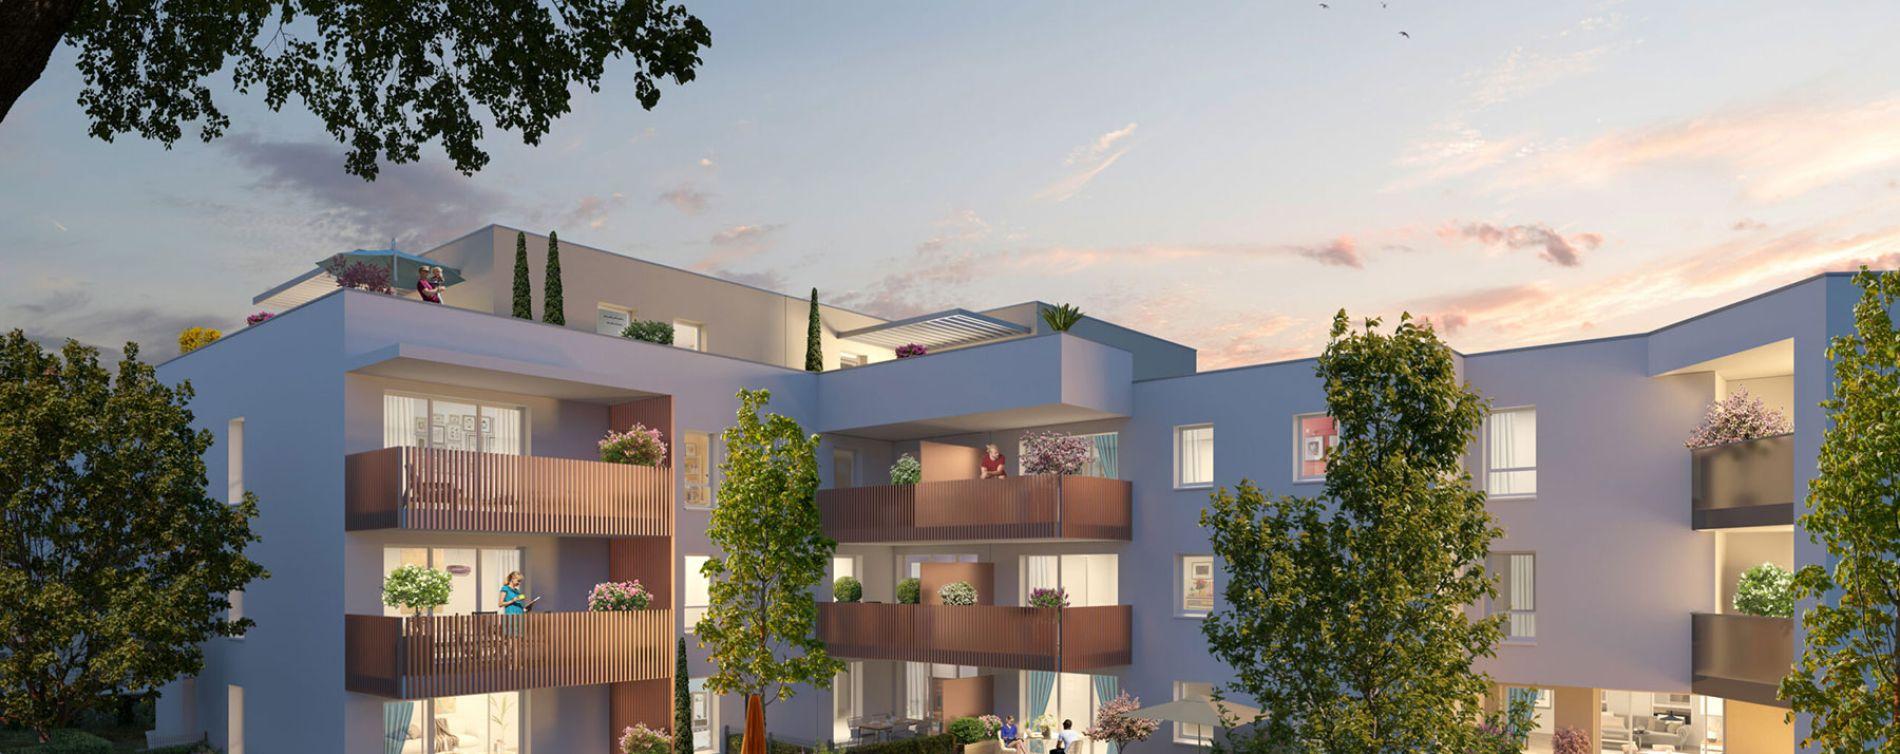 Castelnau-le-Lez : programme immobilier neuve « Programme immobilier n°219307 » en Loi Pinel